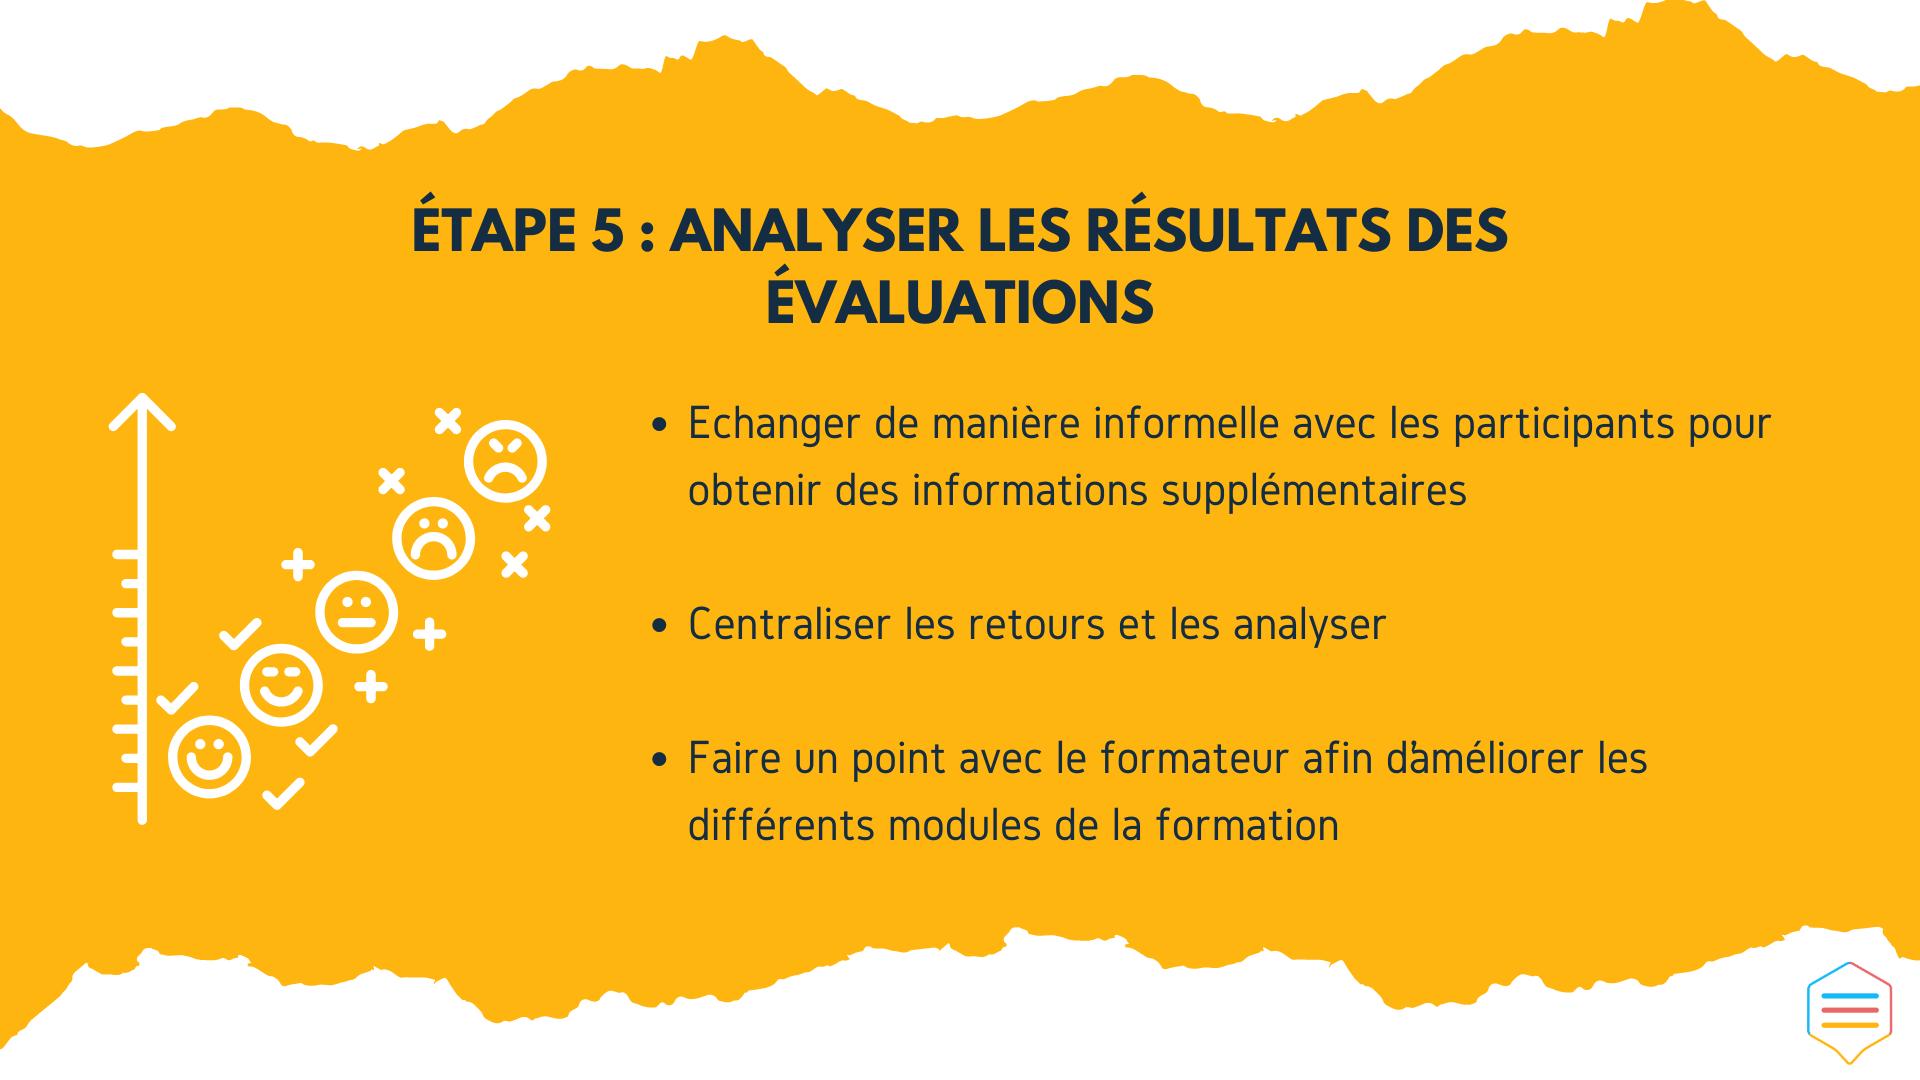 Analyser les résultats des évaluations